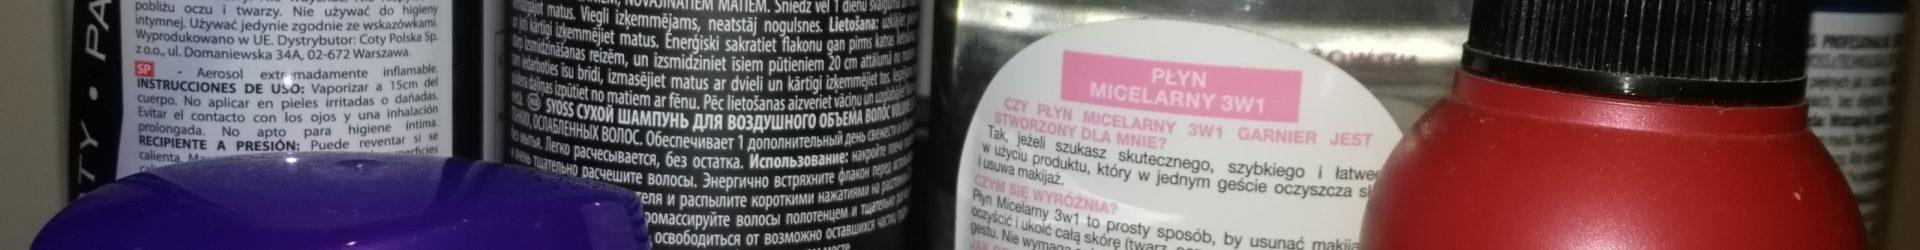 Mikroplastiki w kosmetykach – surowce zastępcze, dr hab. Beata Grobelna, prof. UG